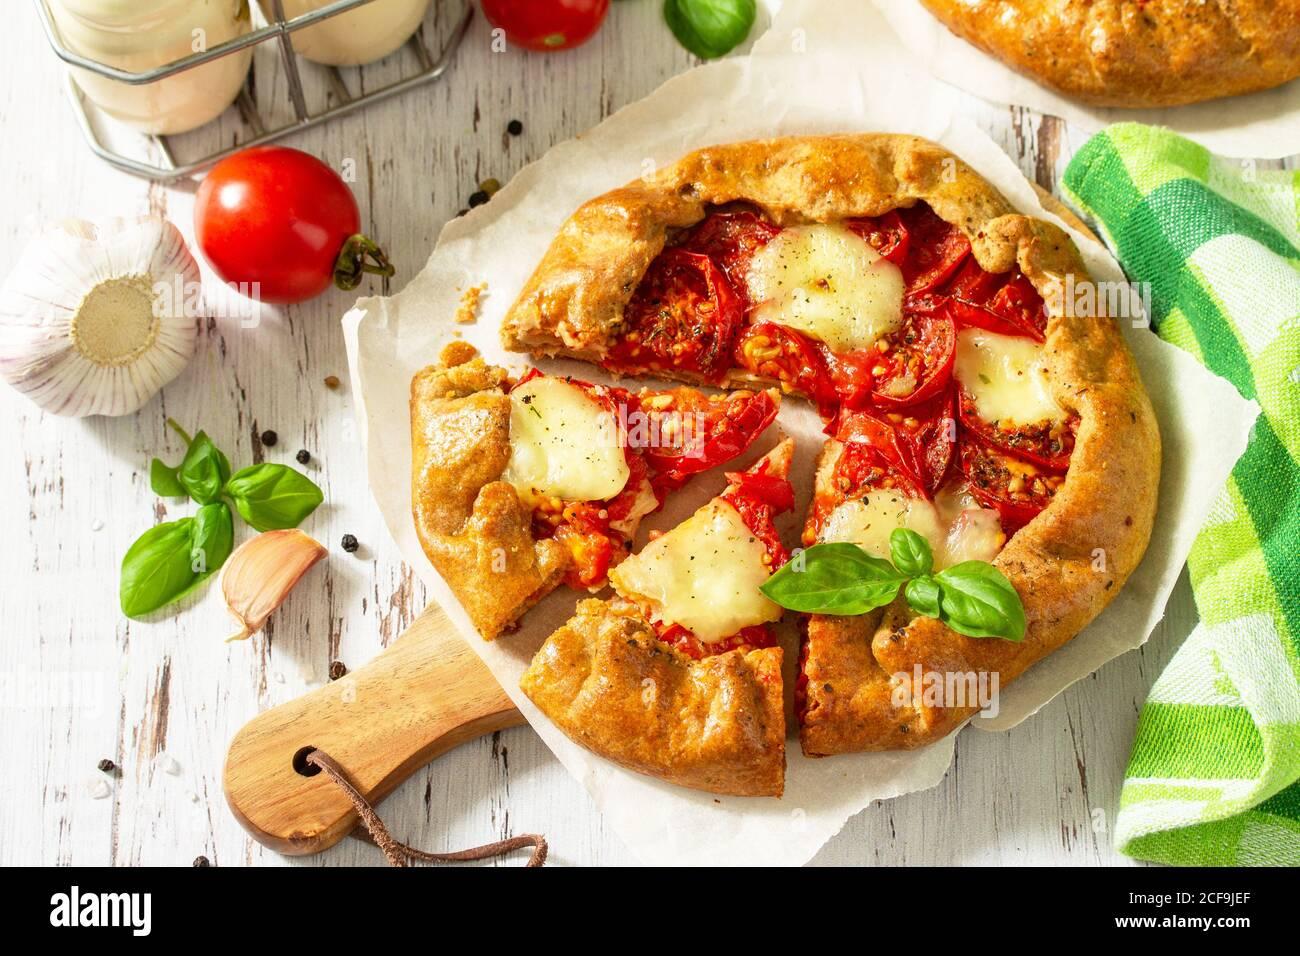 Pâtisseries saines à base de farine de seigle, aliments diététiques. Tomates Galette, mozzarella et basilic sur une table en bois. Banque D'Images